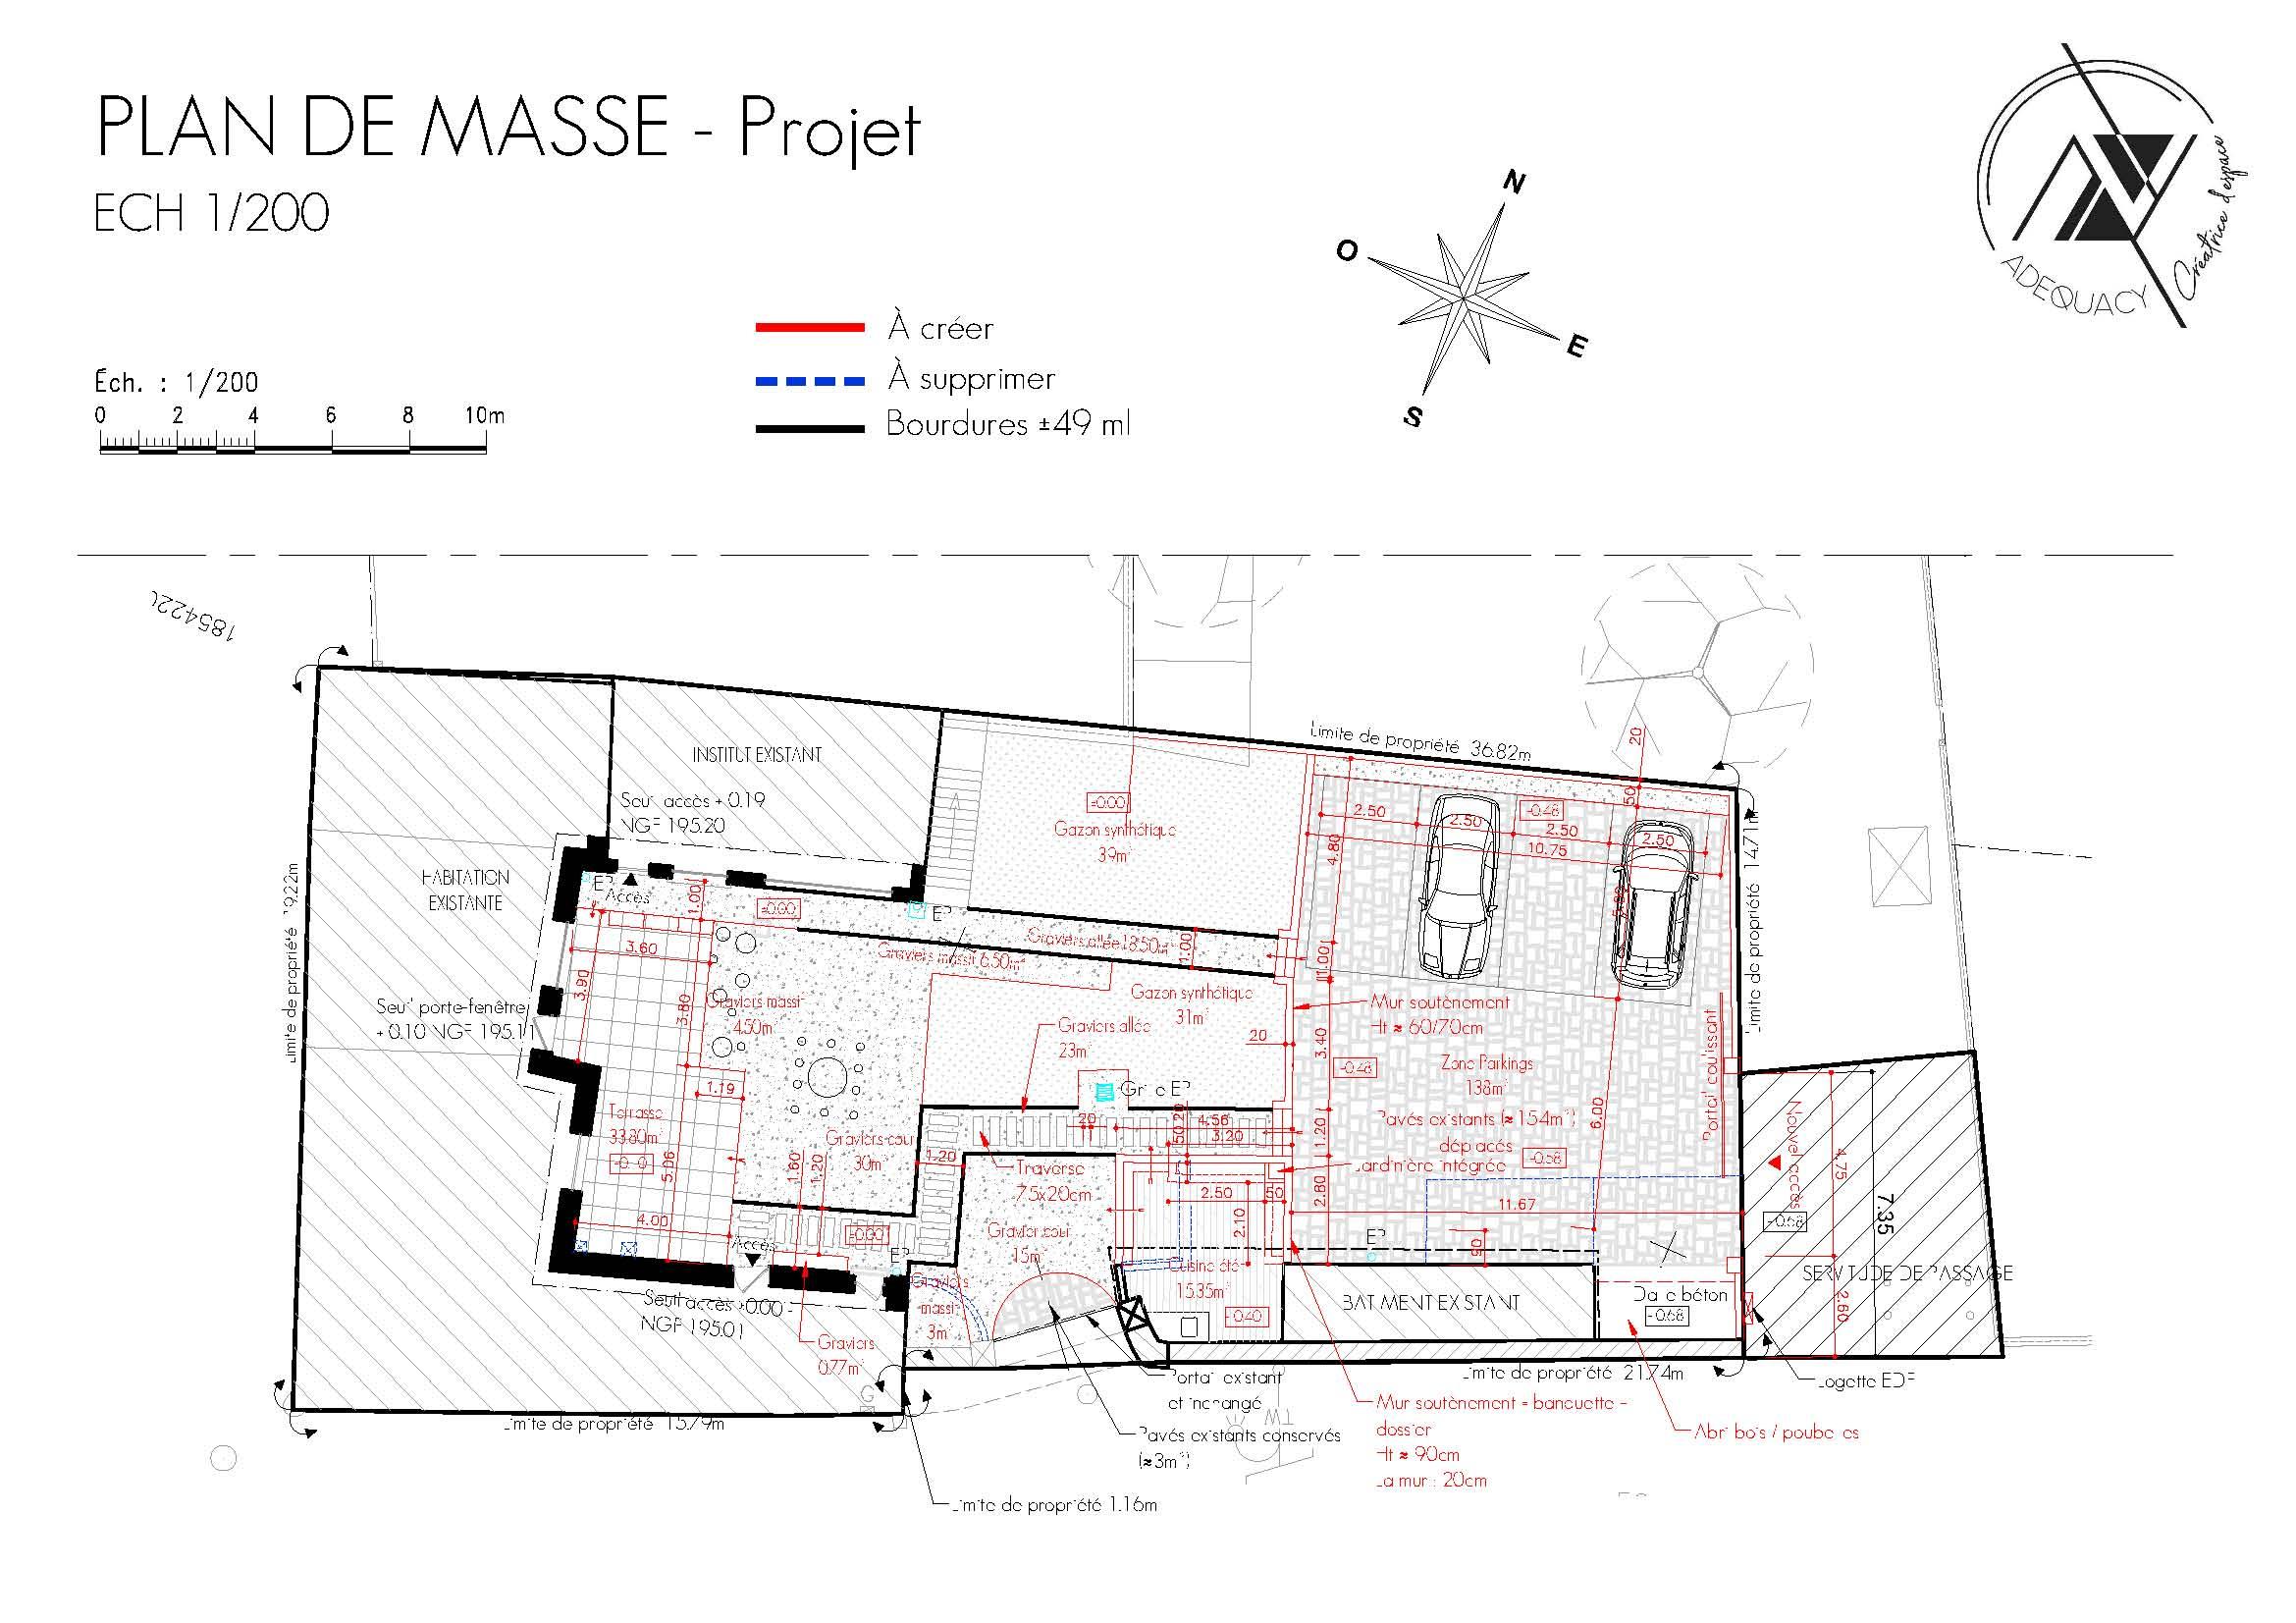 Plan de masse détaillé